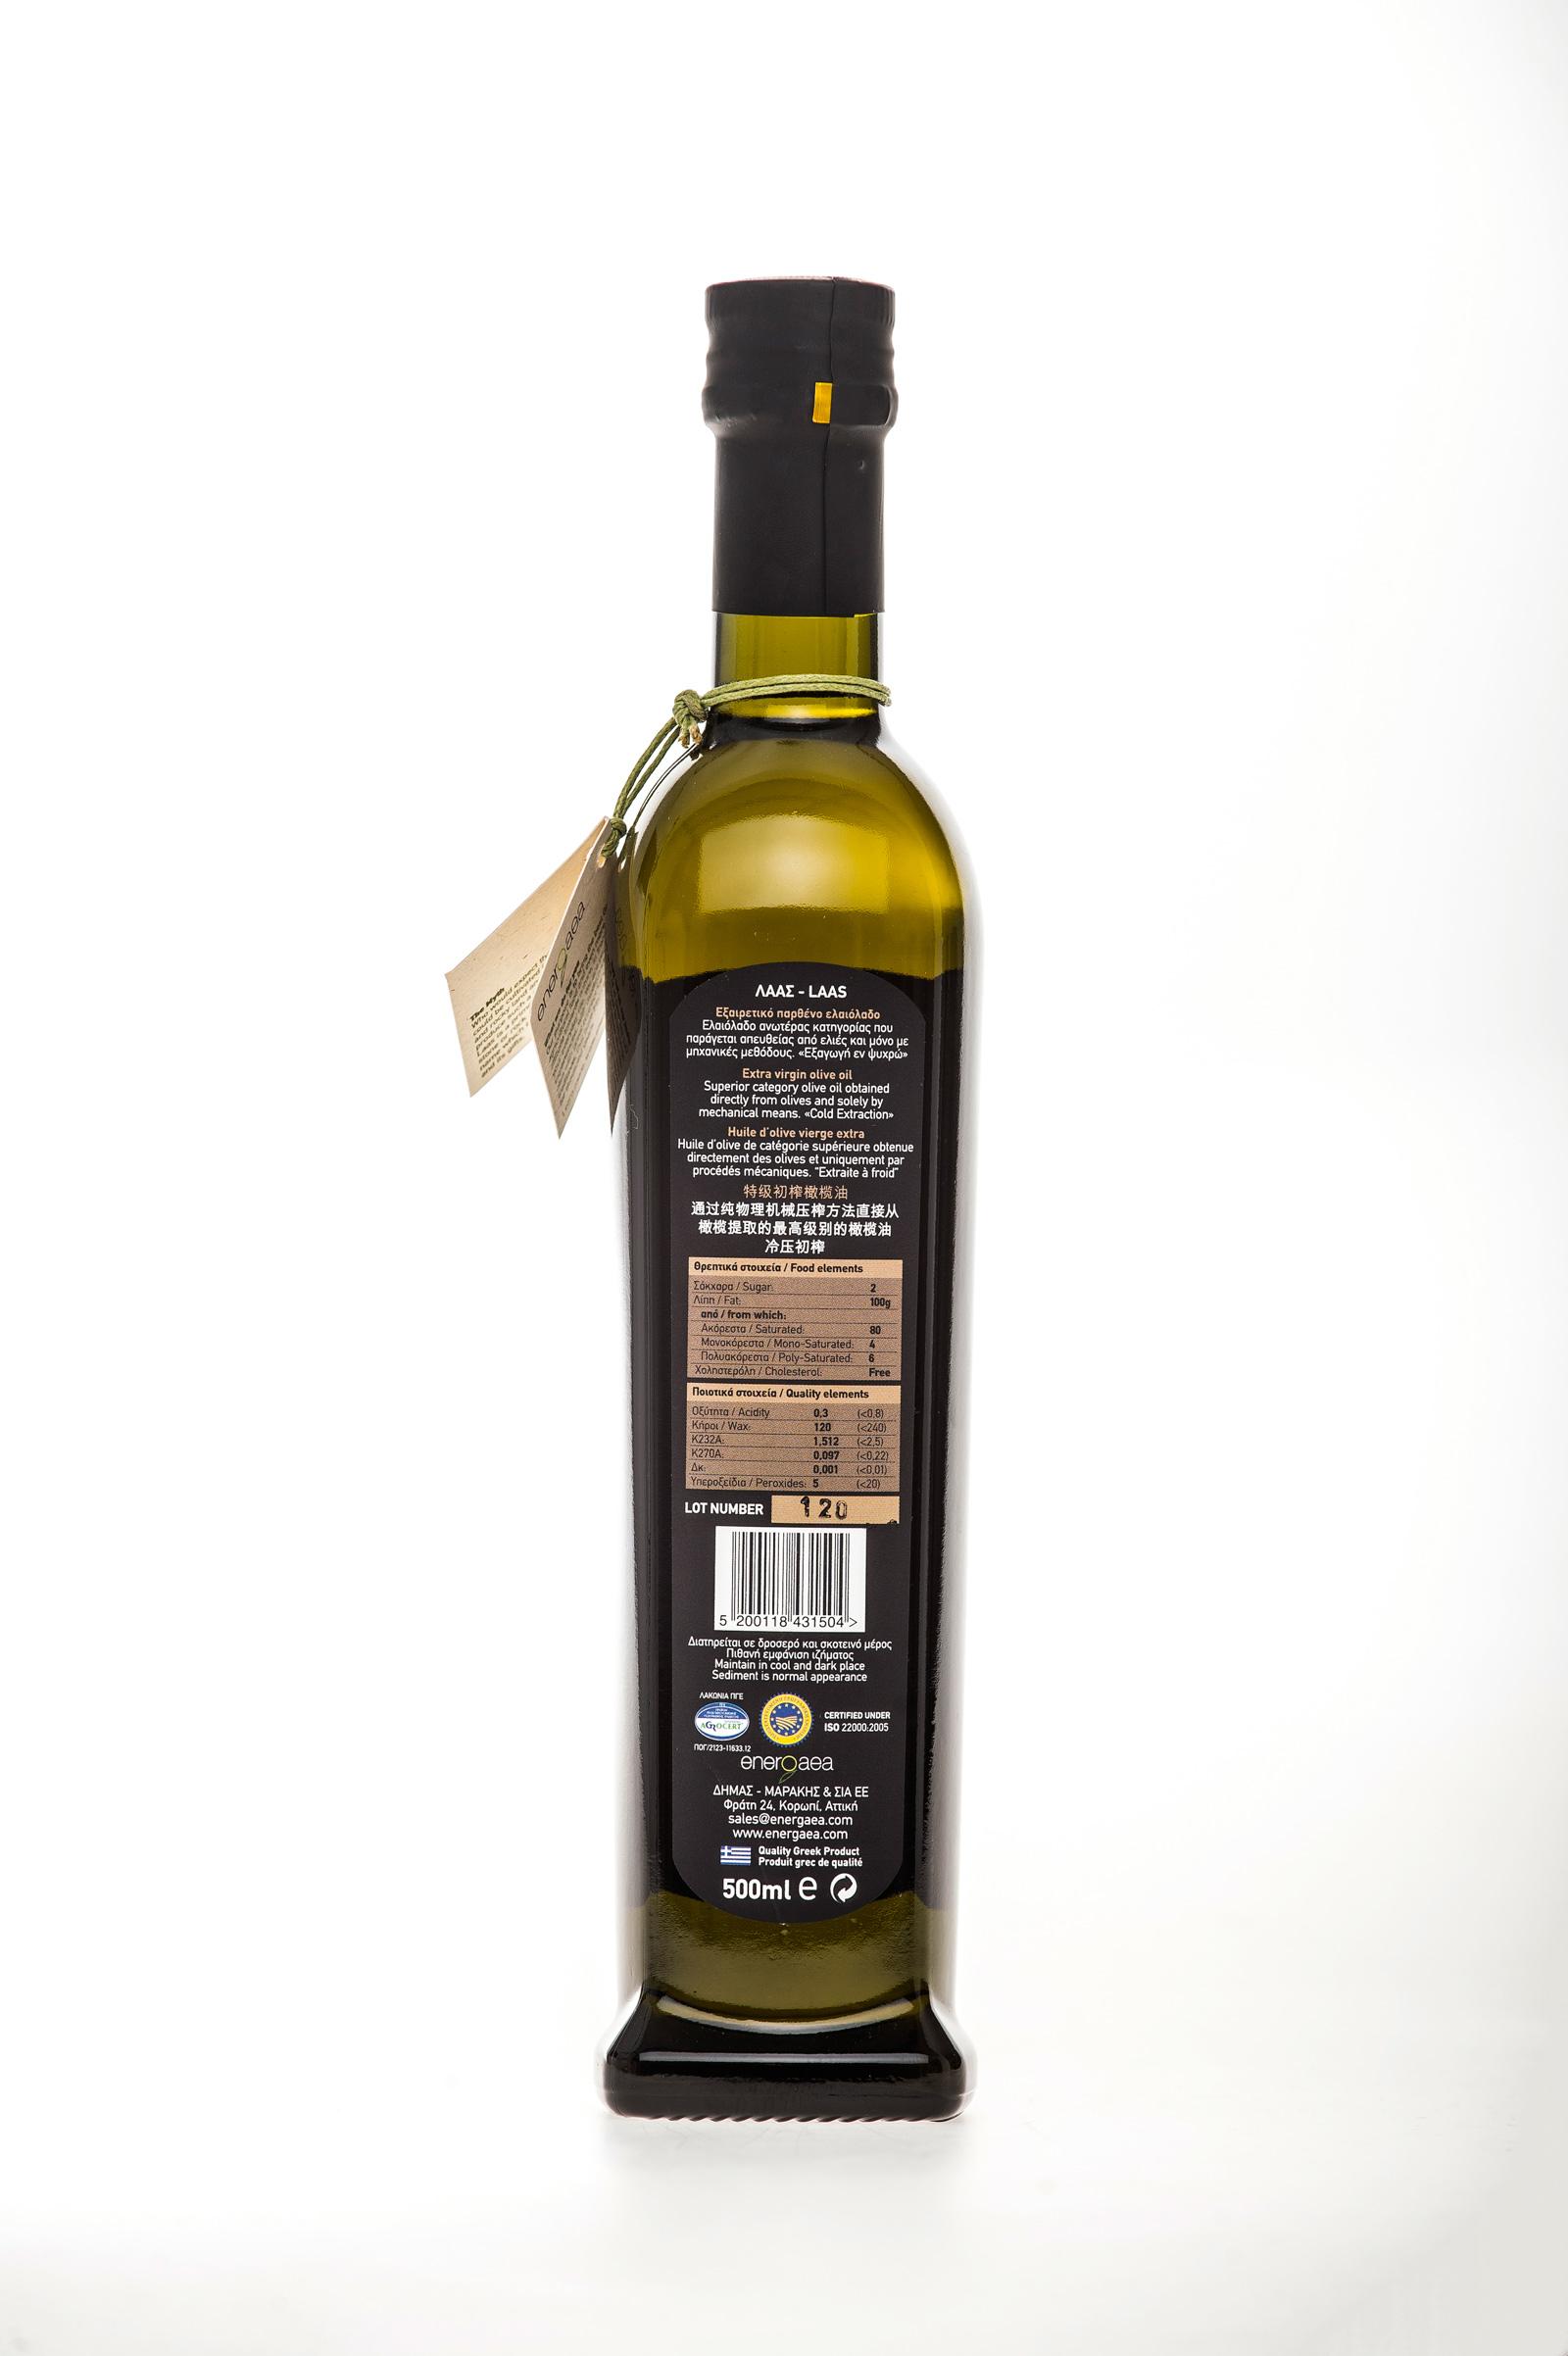 Extra Virgin Olive oil Bottle Label